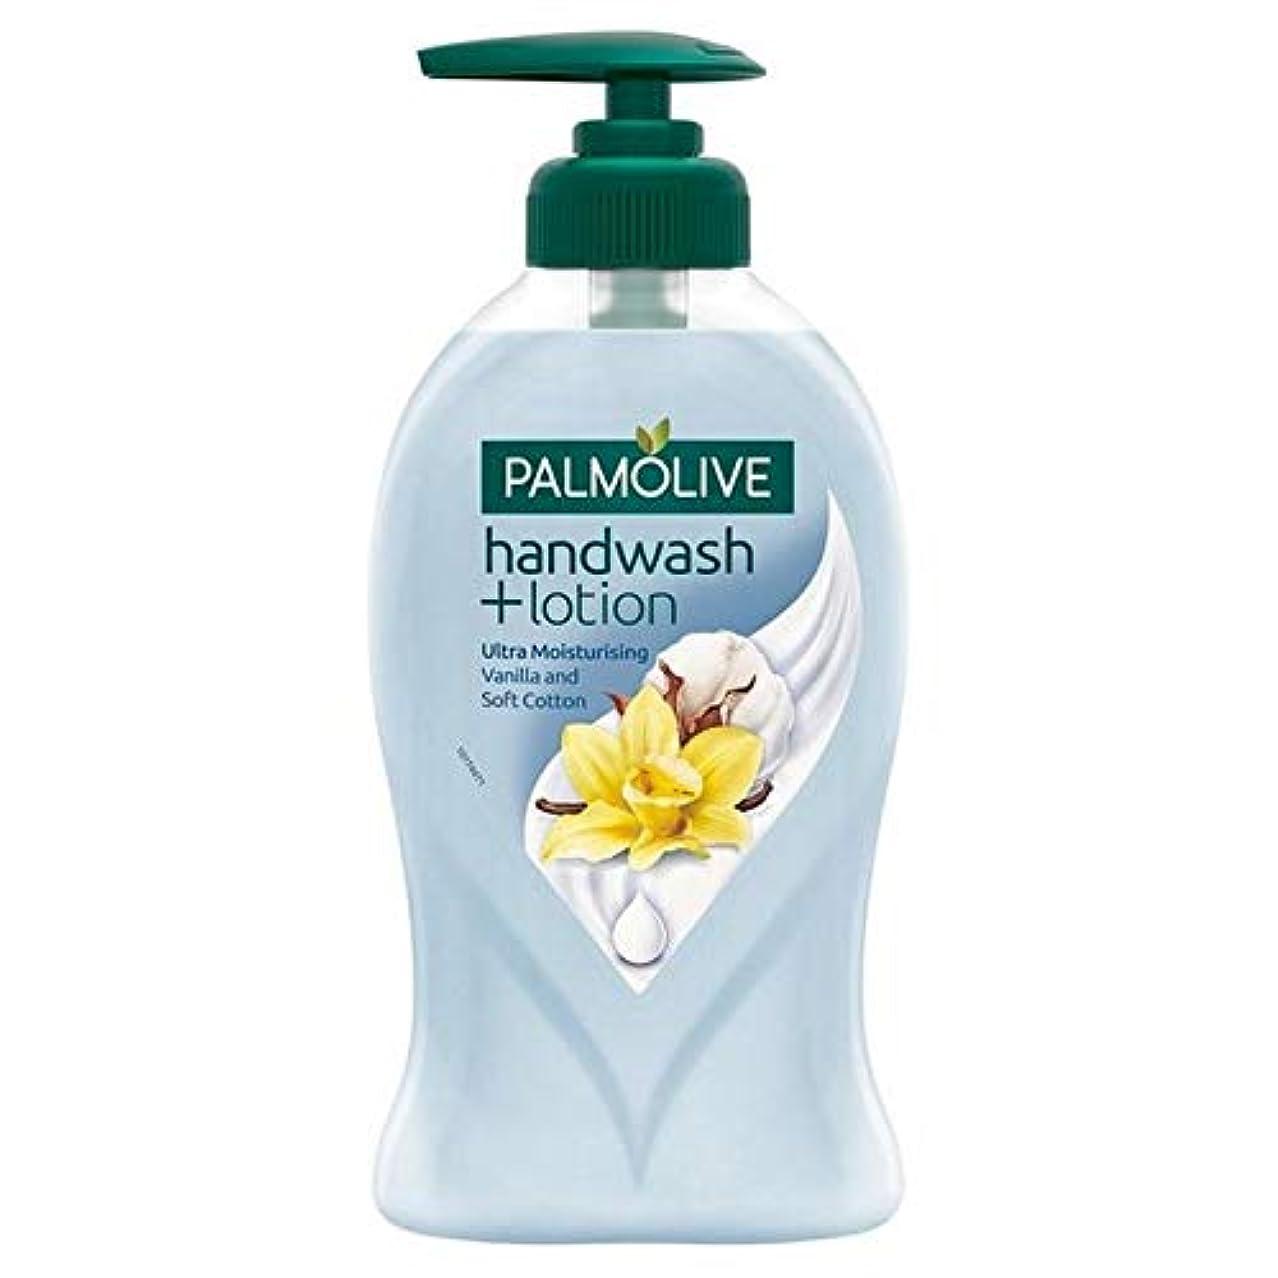 カーペット発症段階[Palmolive ] Palmolive社手洗い+ローションバニラ&ソフトなコットン250ミリリットル - Palmolive Handwash + Lotion Vanilla & Soft Cotton 250ml [並行輸入品]